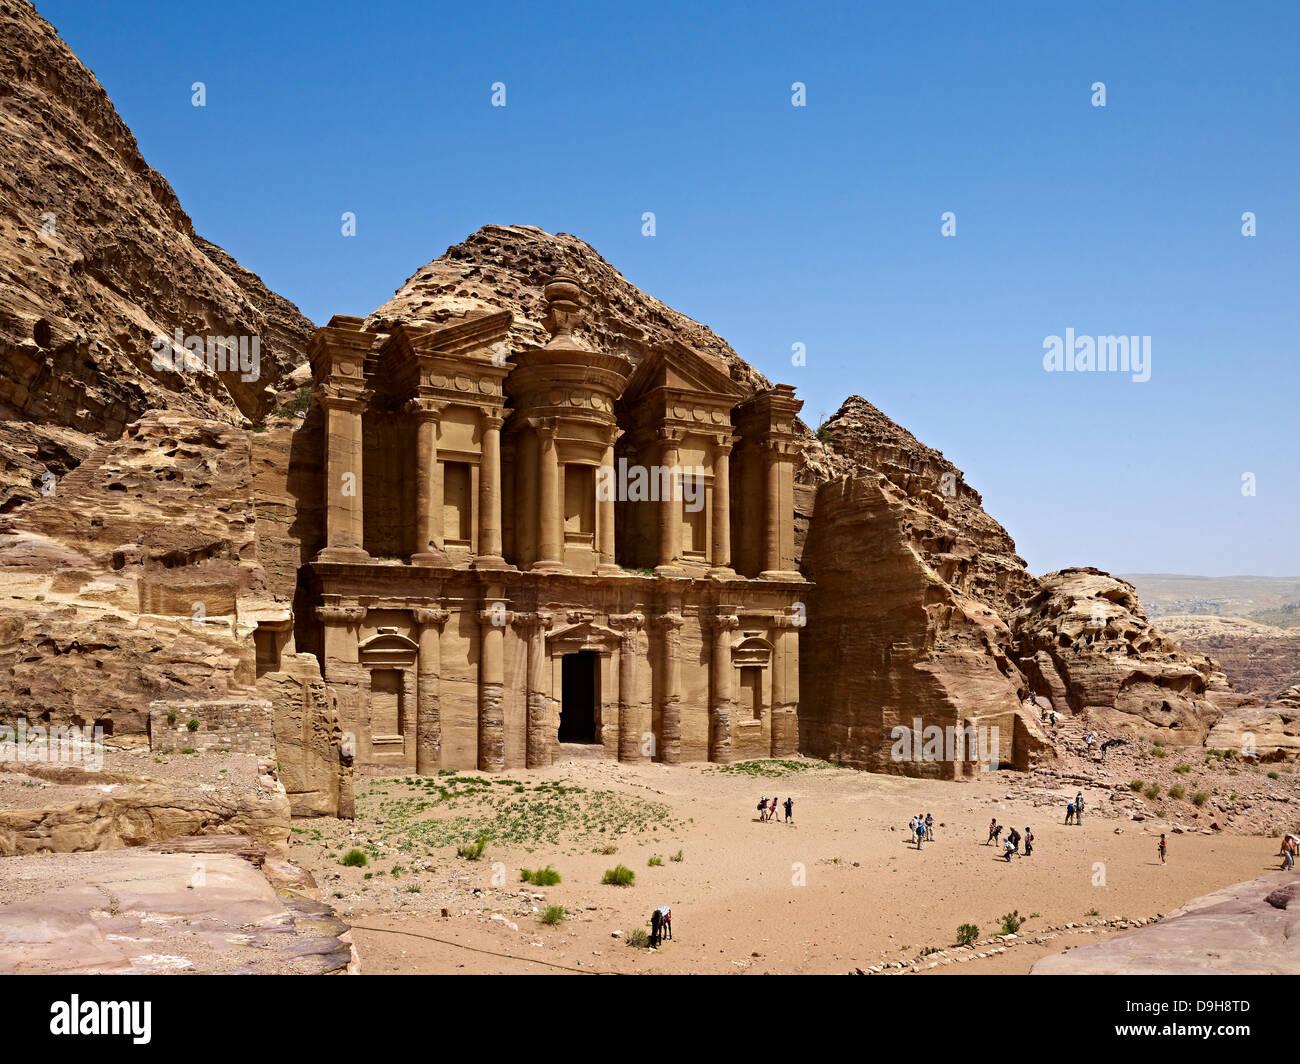 Tomba di roccia ad-Deir o Monastero di Petra, Giordania, Medio Oriente Immagini Stock